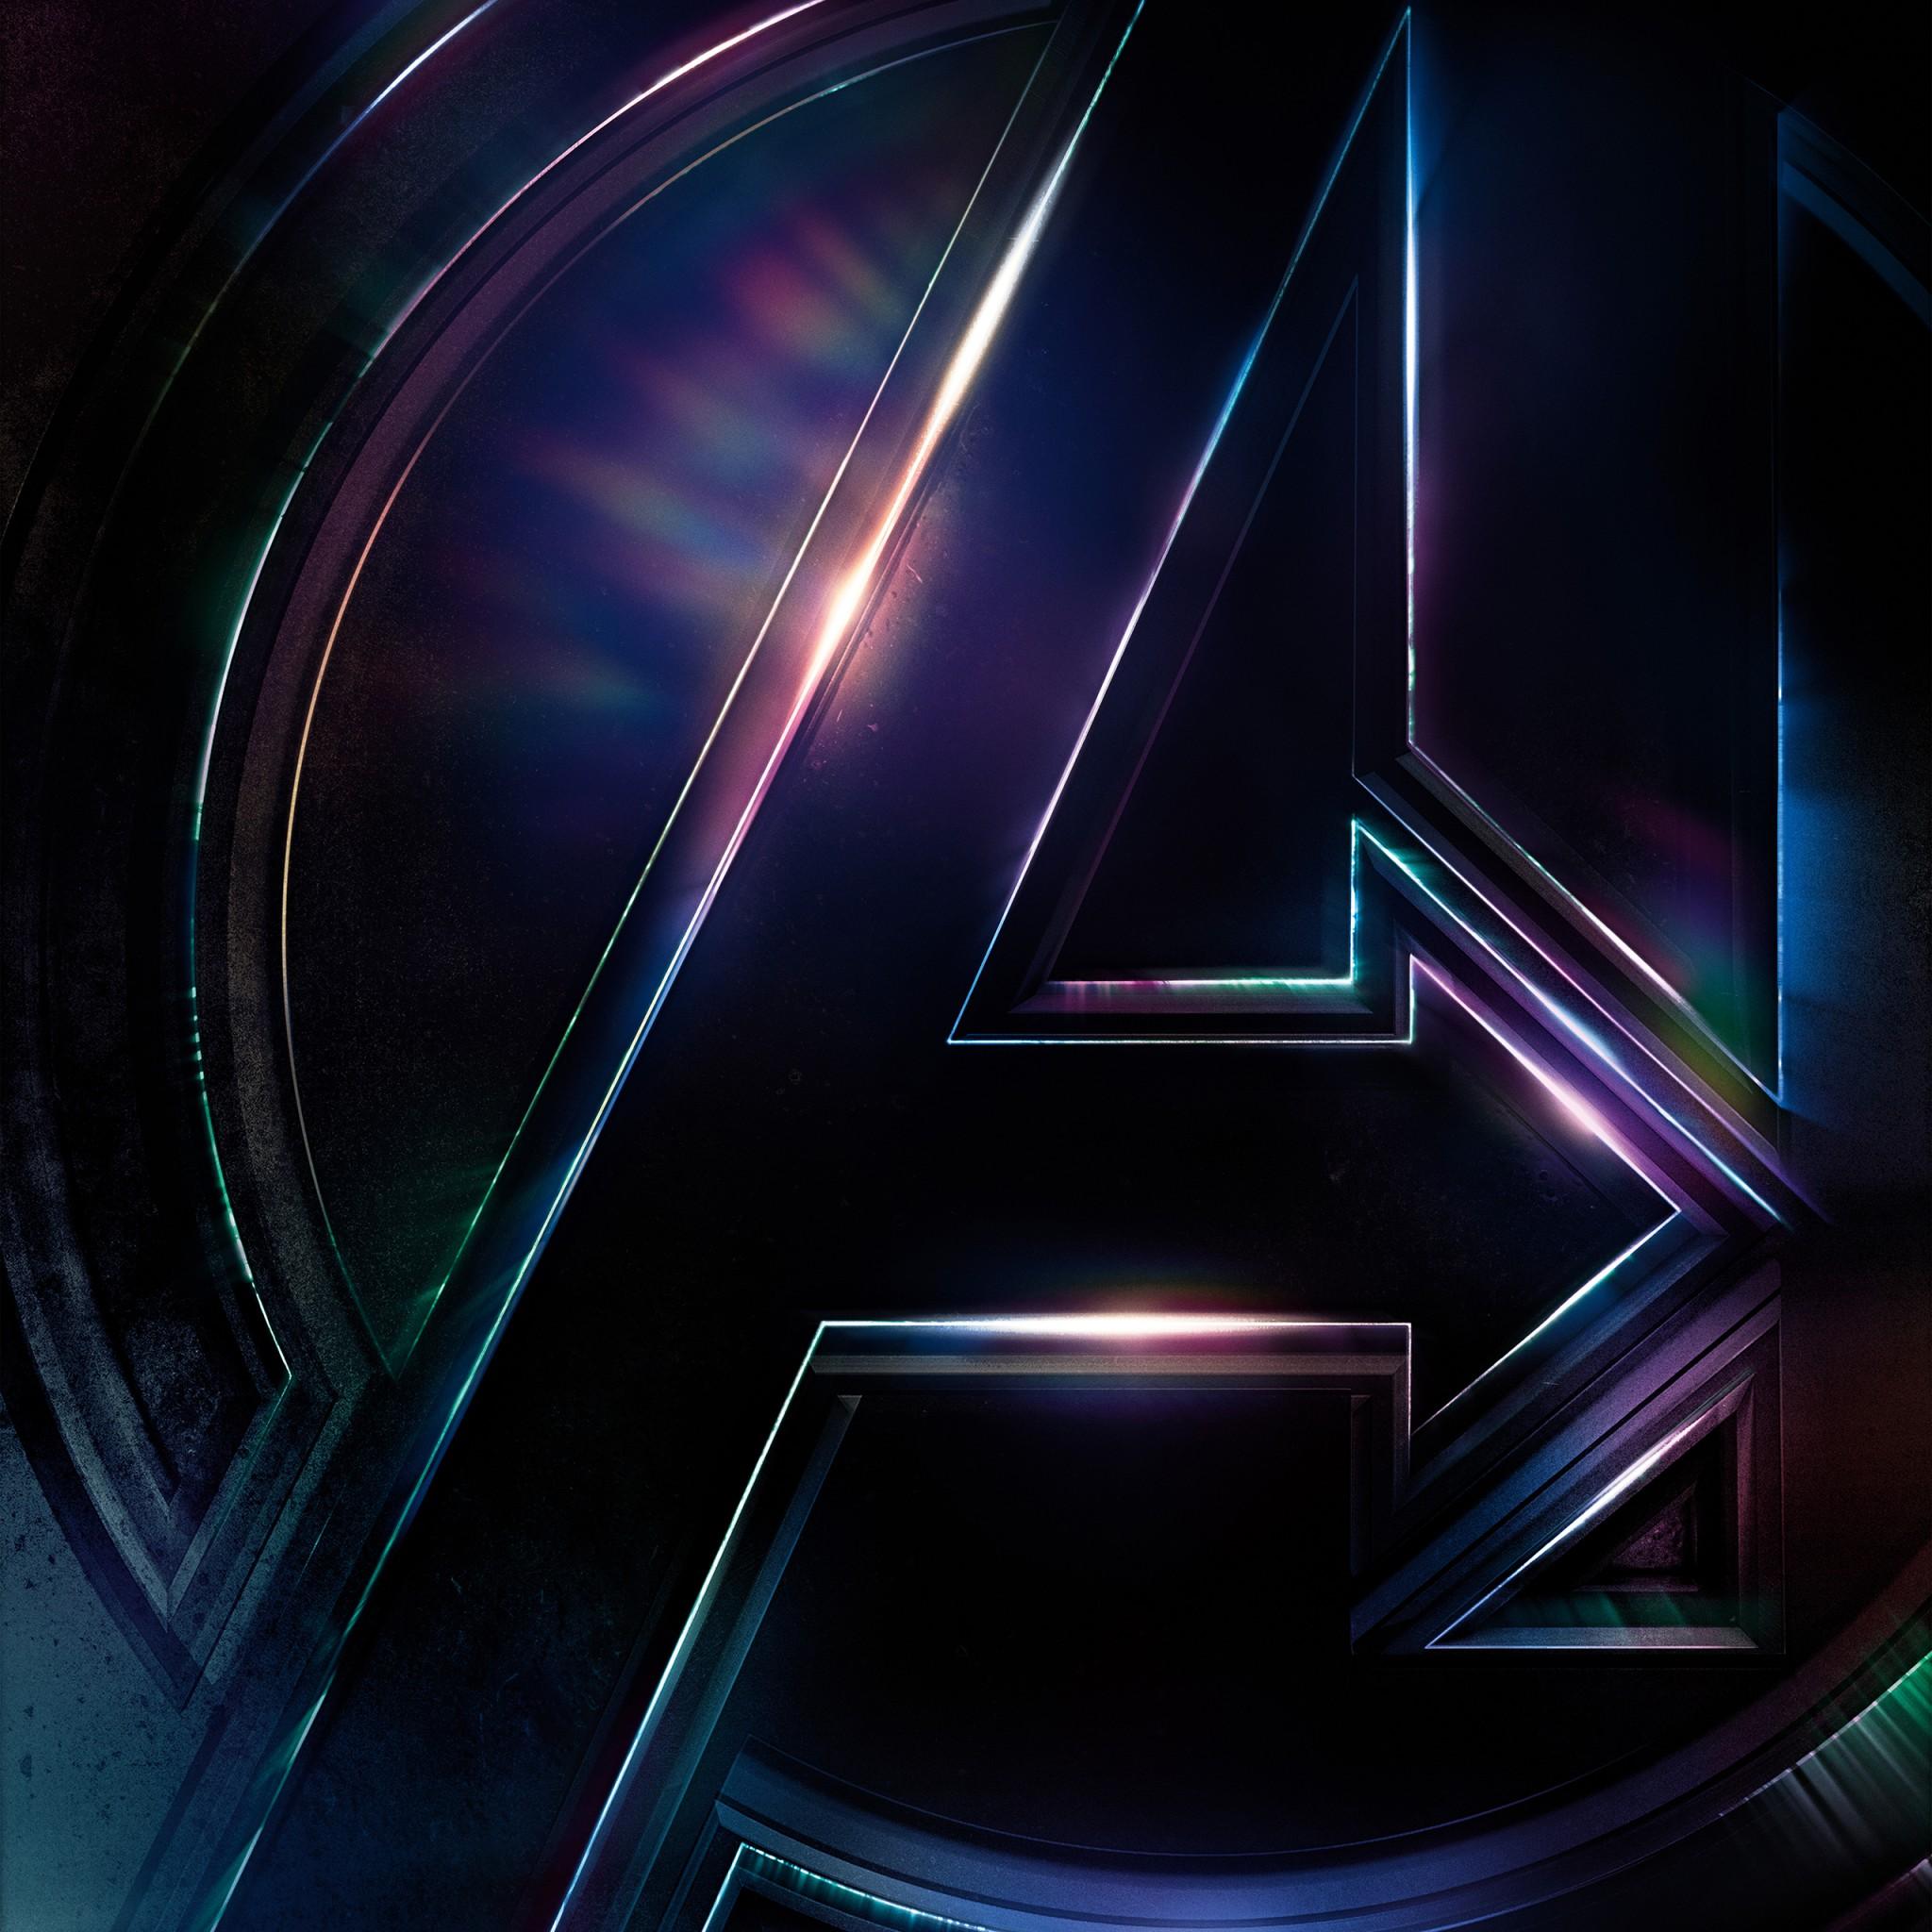 Best 3d Parallax Wallpaper Avengers Infinity War Logo 4k Wallpapers Hd Wallpapers